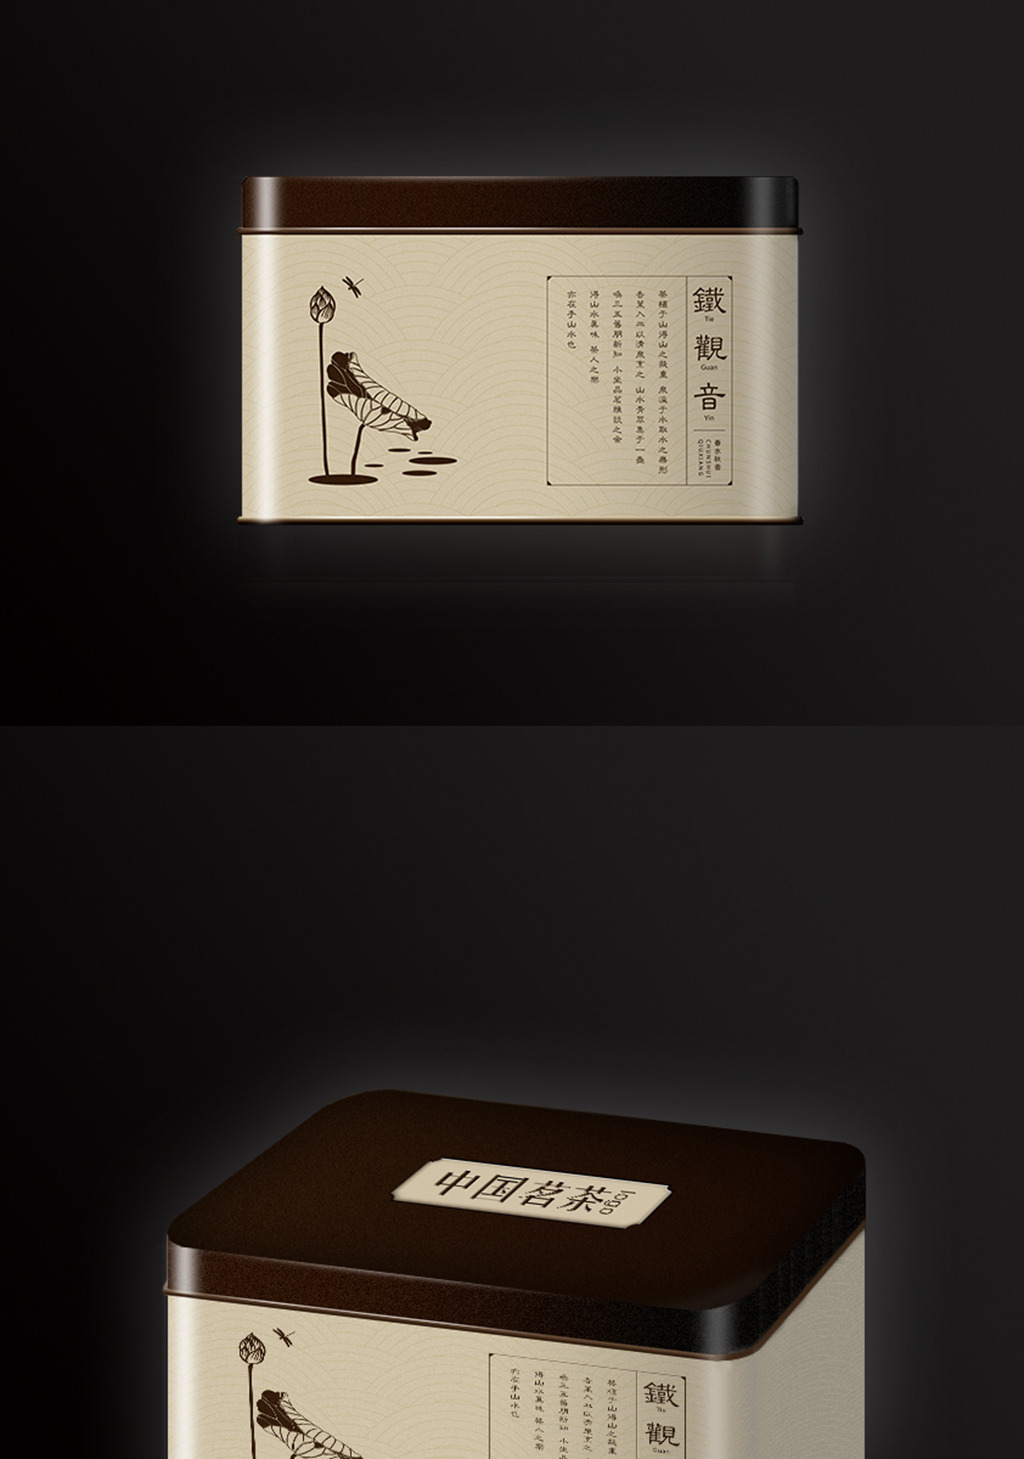 茶叶包装铁观音大红袍含字体